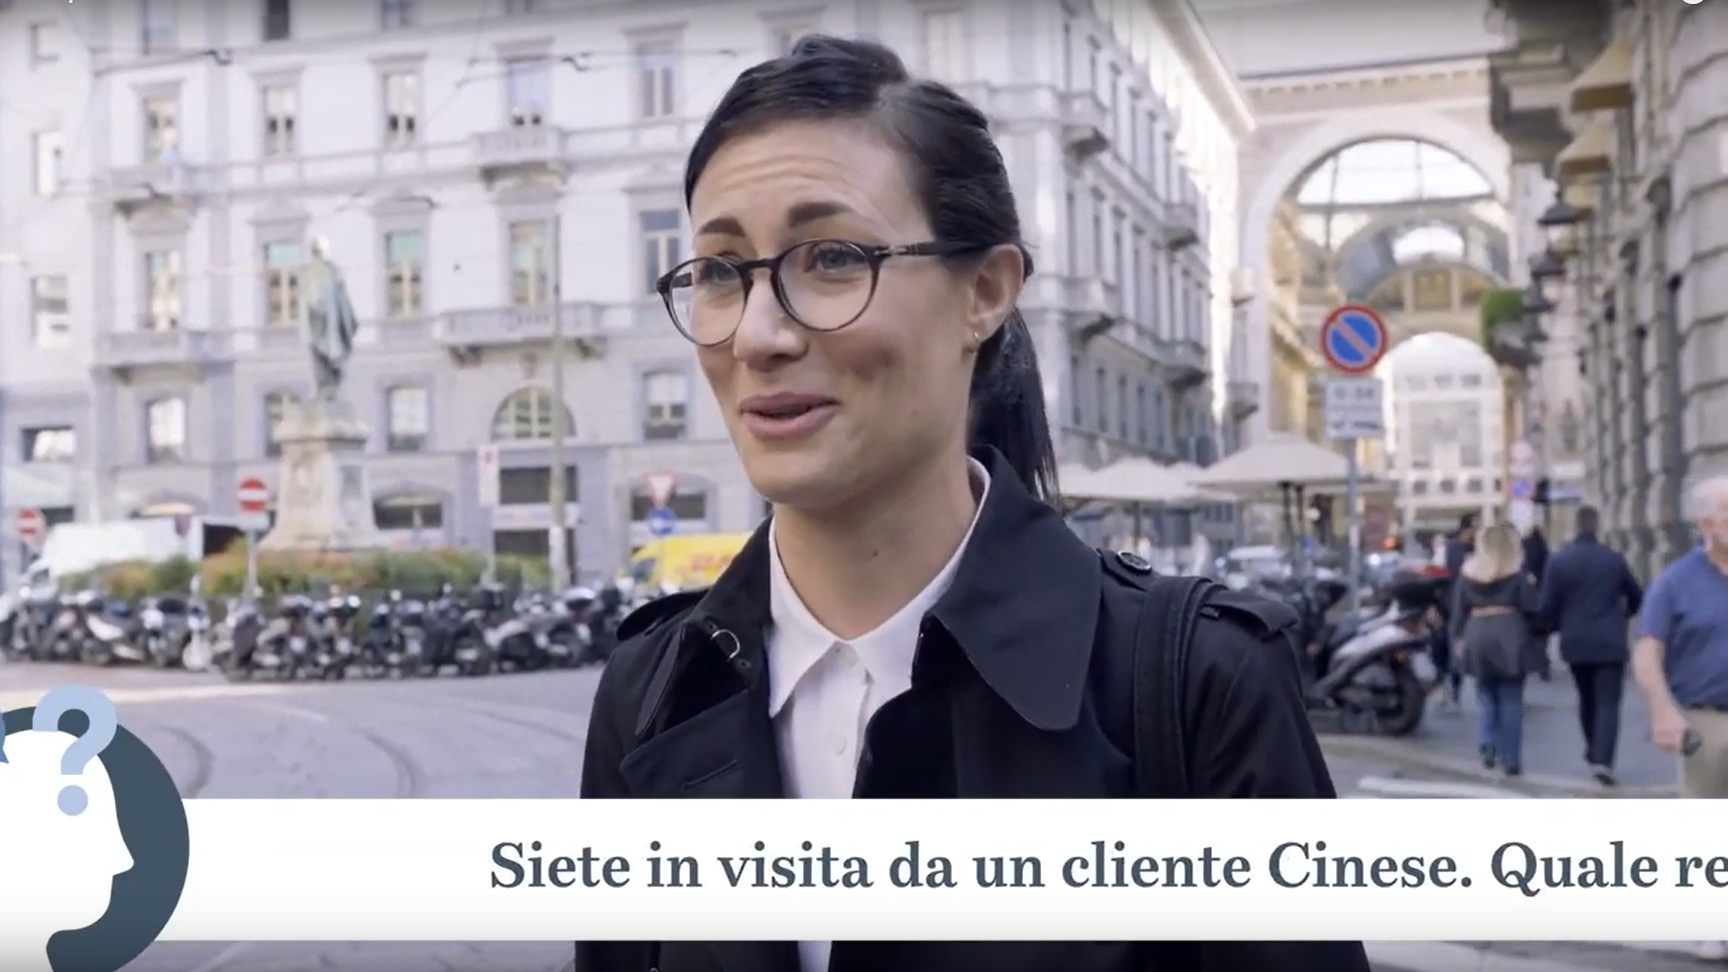 sacesimest-cliente-meeting-regole-etiquette-export-education